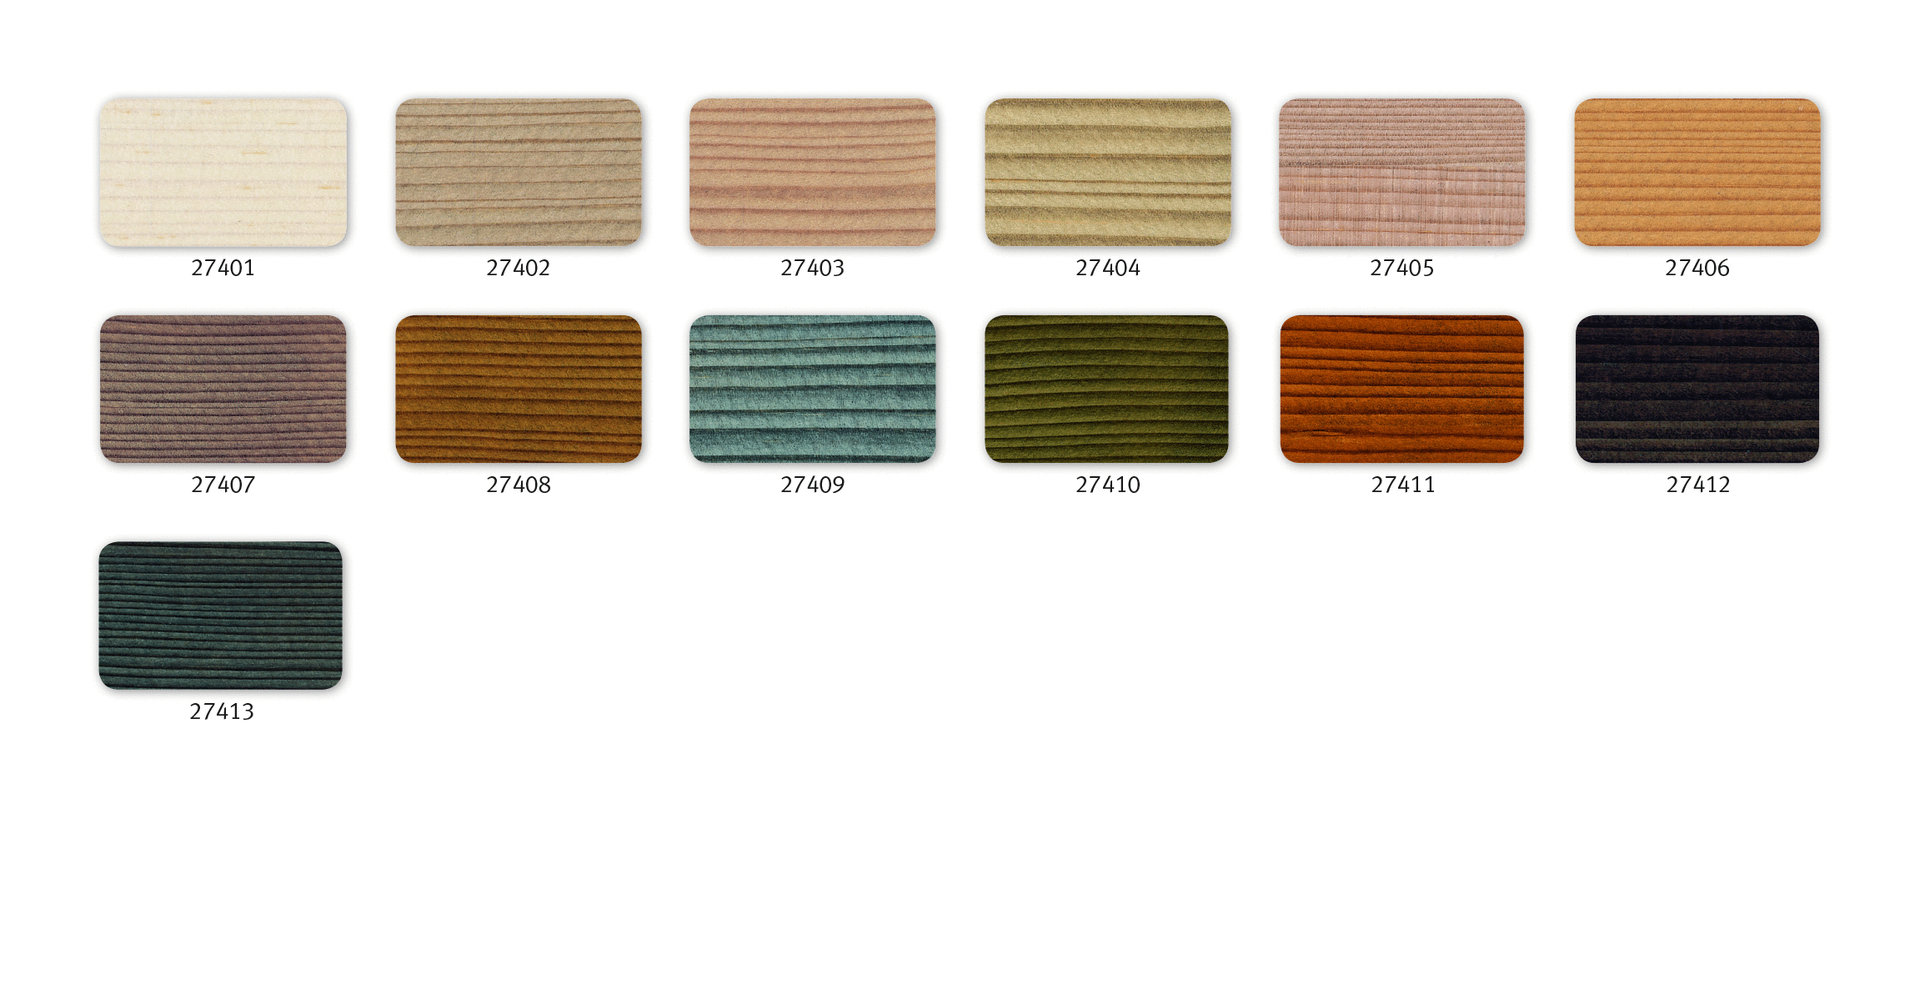 clou nadelholzbeize - farben naumann